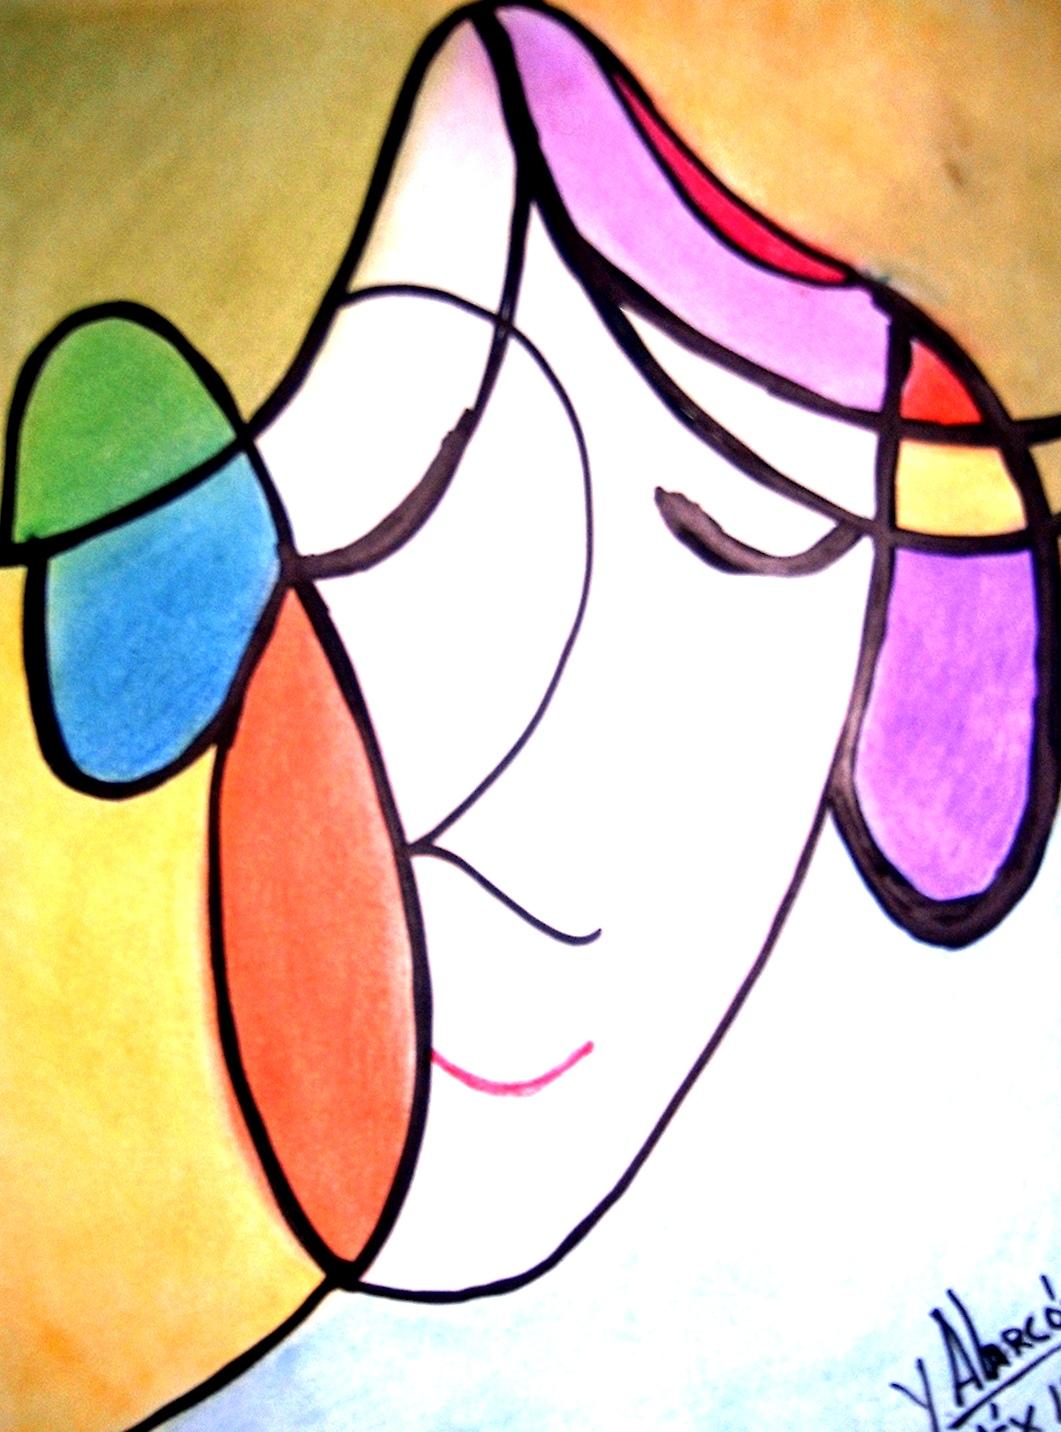 Cuales son los colores calidos - Dibujos para colorear - IMAGIXS